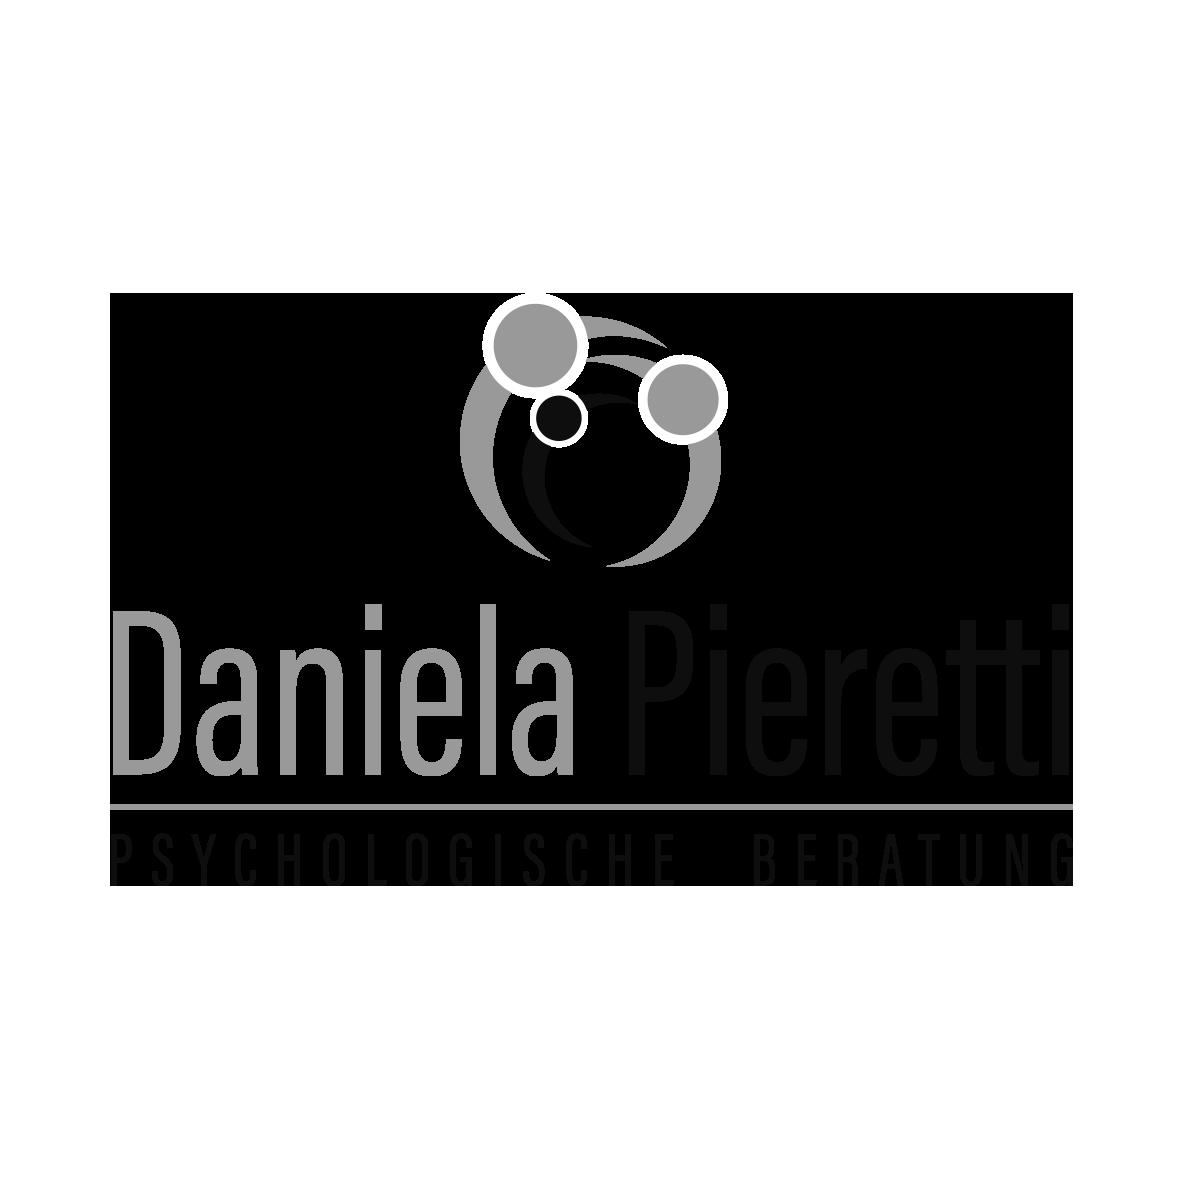 Daniela Pieretti